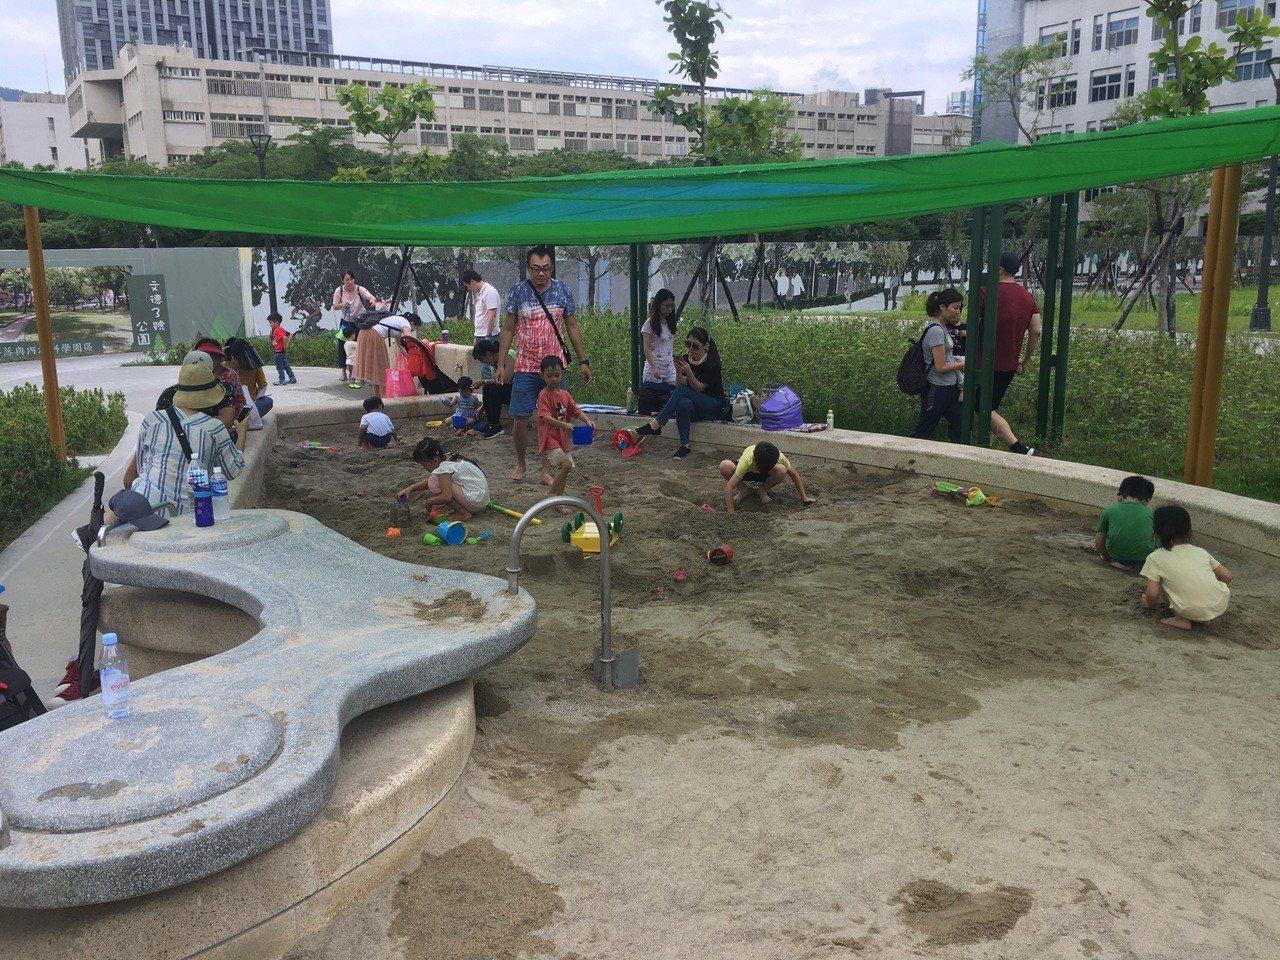 來這遛小孩╱北市大港墘公園 孩童體能訓練場